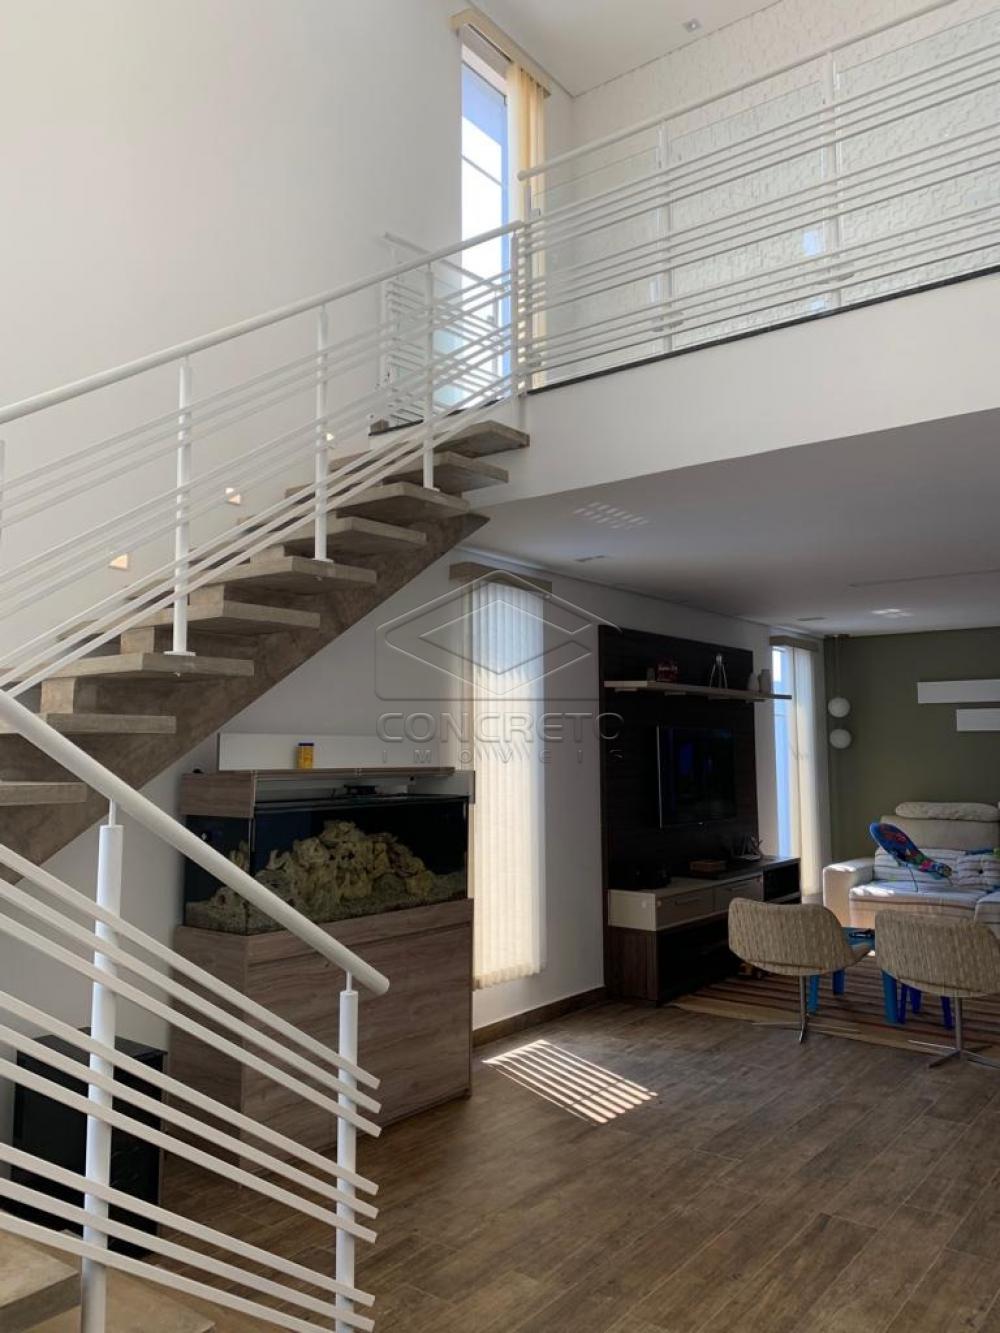 Comprar Casa / Padrão em Sao Manuel apenas R$ 650.000,00 - Foto 110